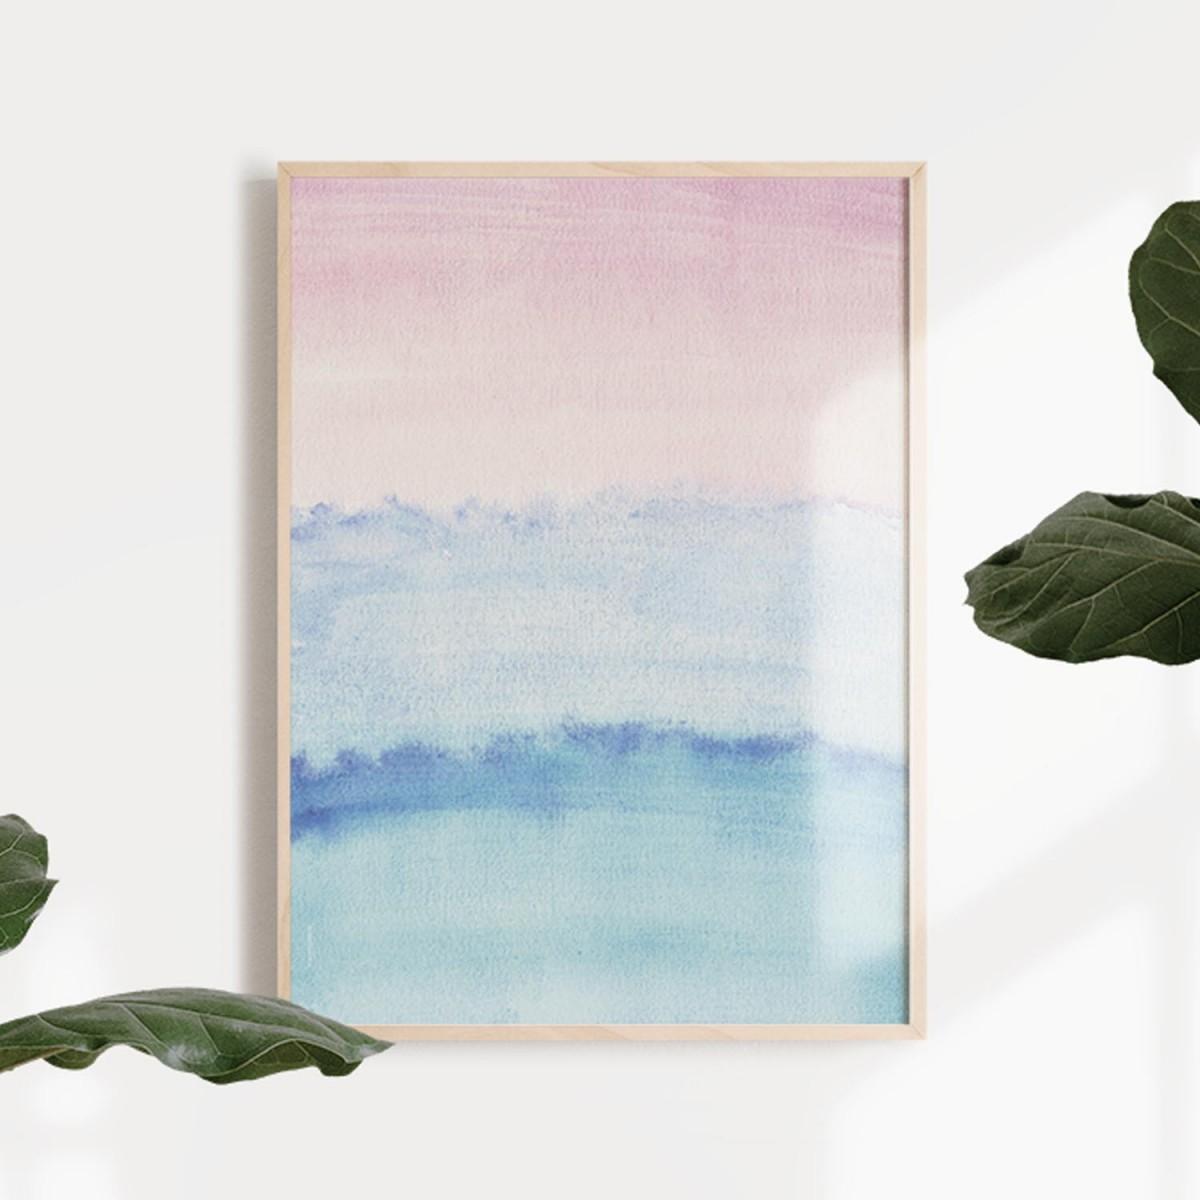 TYST 1 Print als hochwertiger Posterdruck im skandinavischen Stil von Skanemarie +++ Geschenkidee